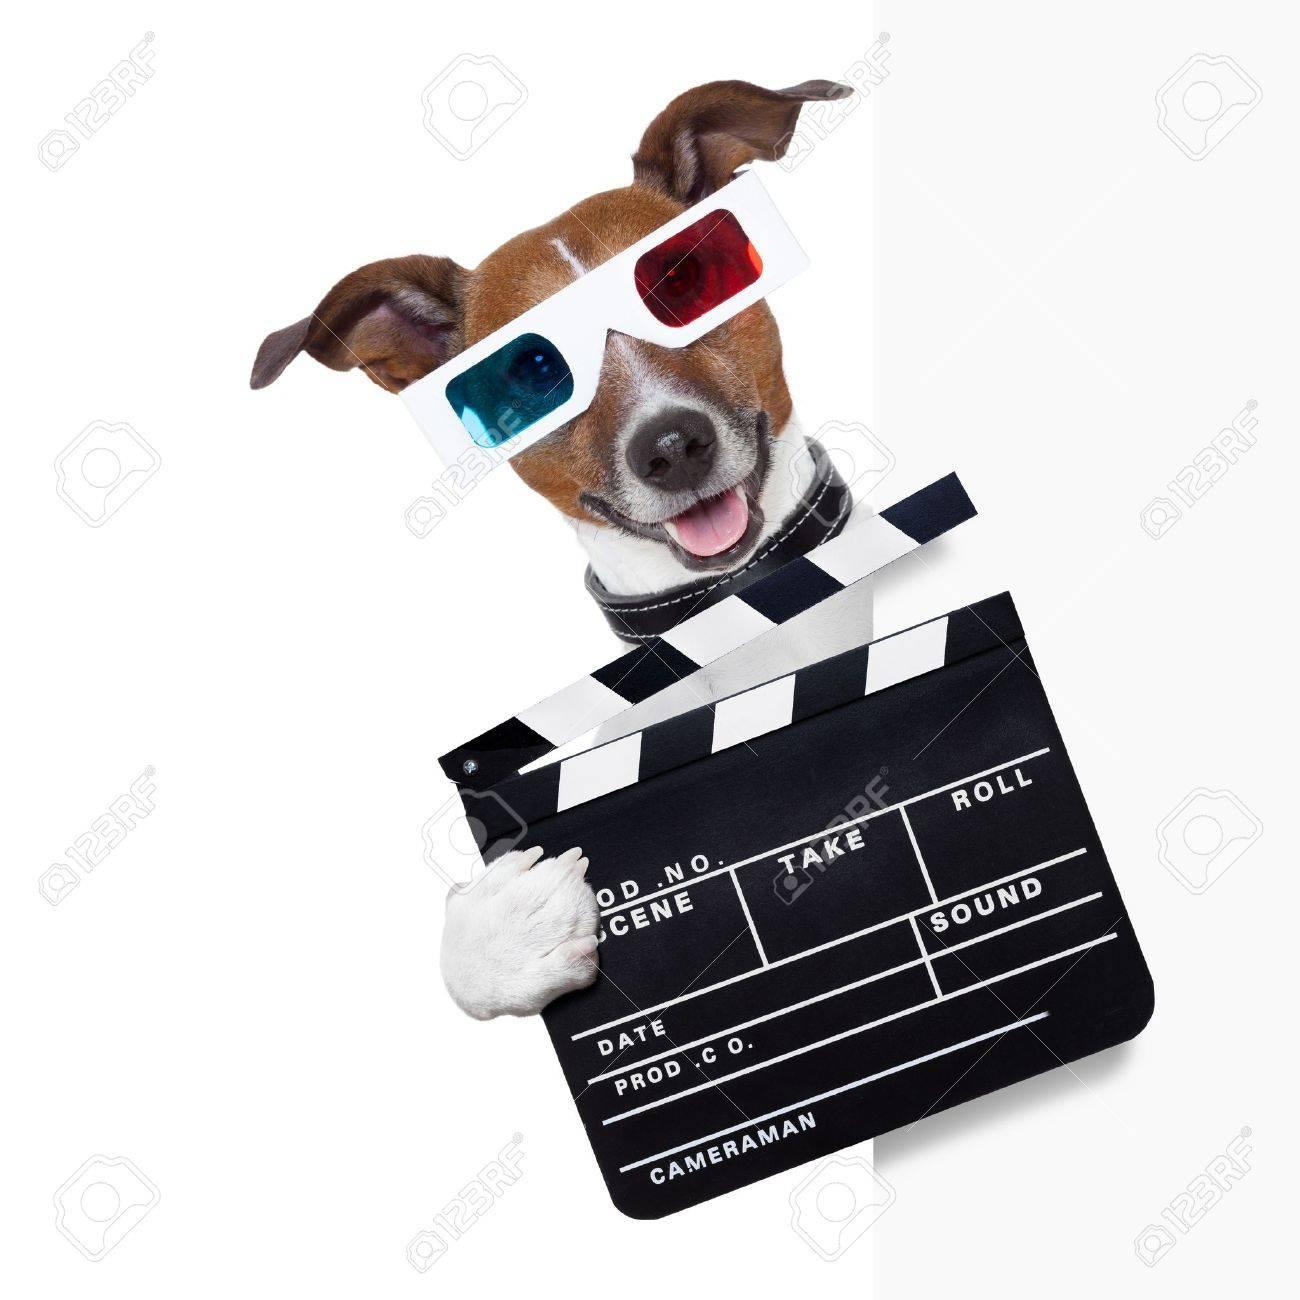 clapper cinema dog behind white banner Stock Photo - 21886482